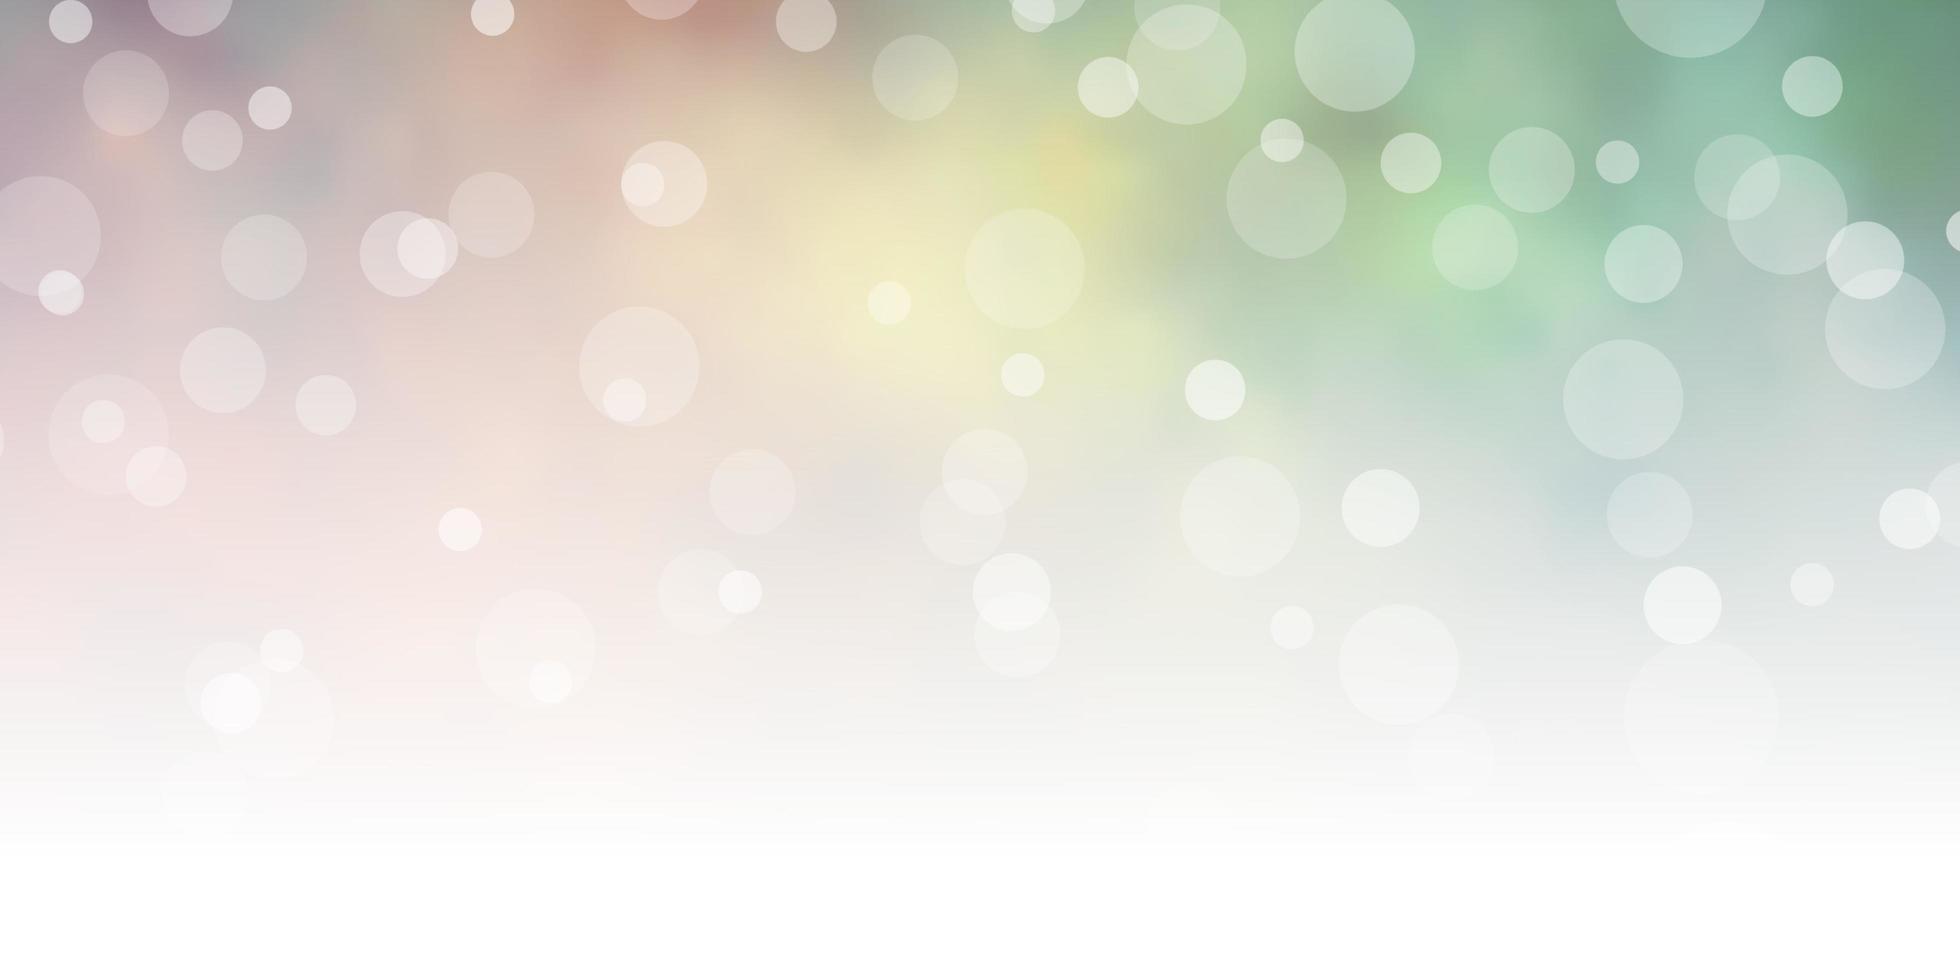 fondo verde oscuro, amarillo con círculos. vector